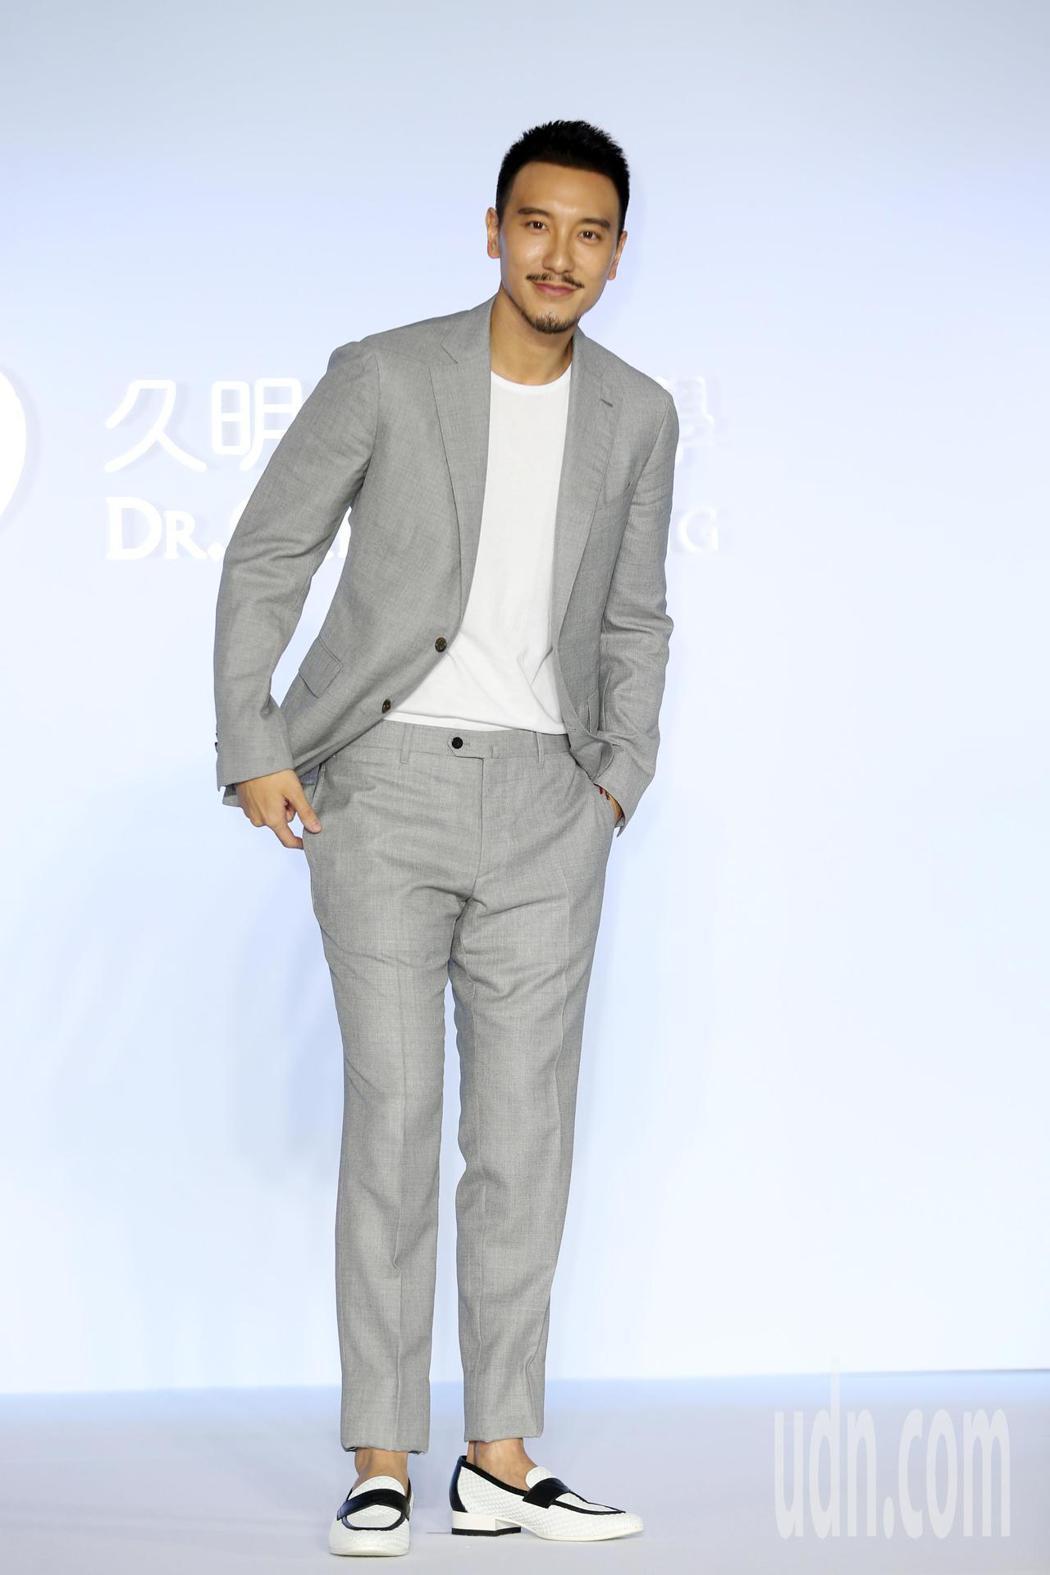 藝人王陽明為美容醫學年度見證記者會 。記者曾吉松/攝影